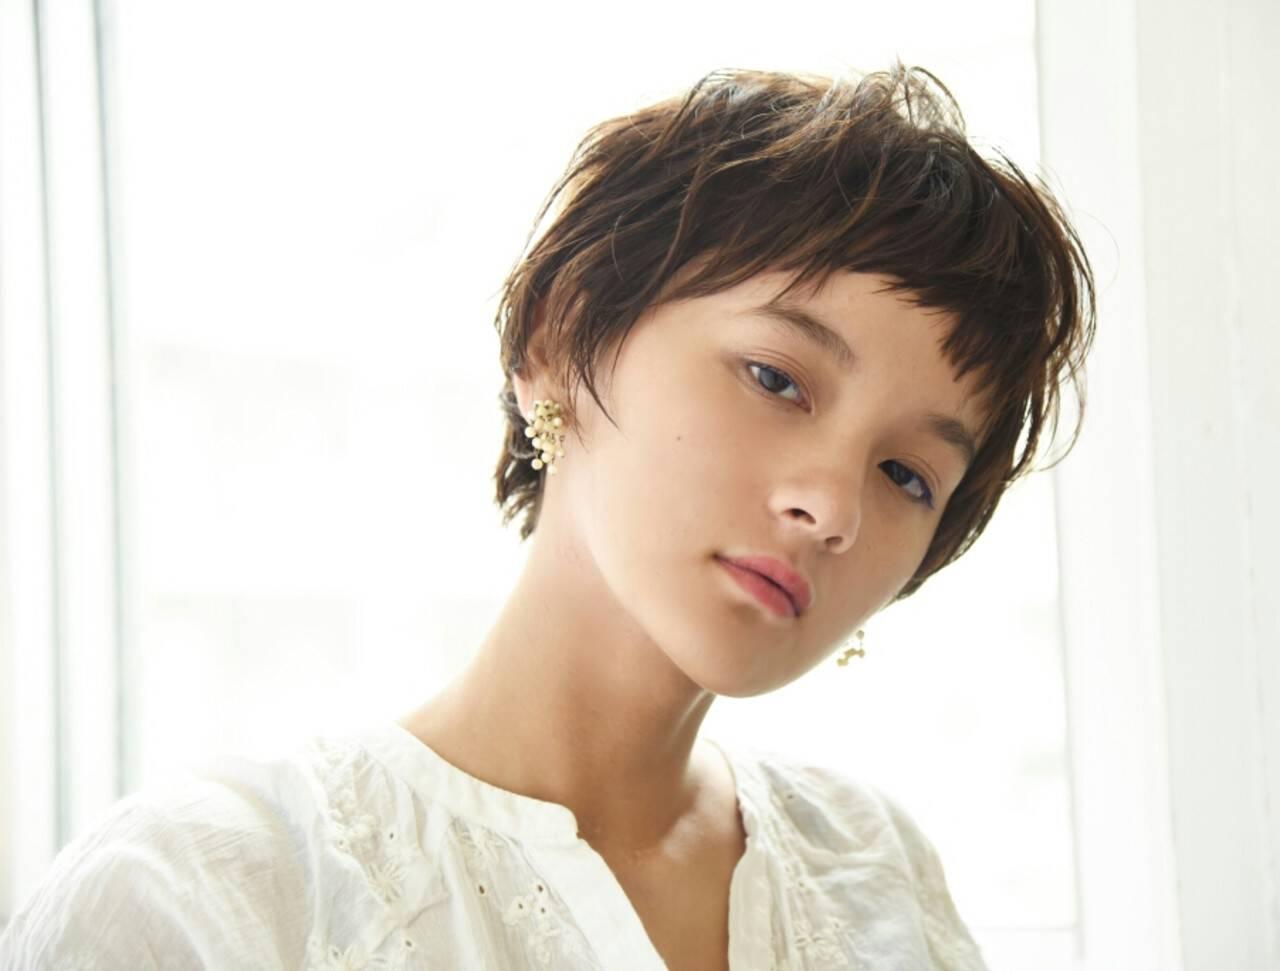 前髪あり ベリーショート ショート 秋ヘアスタイルや髪型の写真・画像